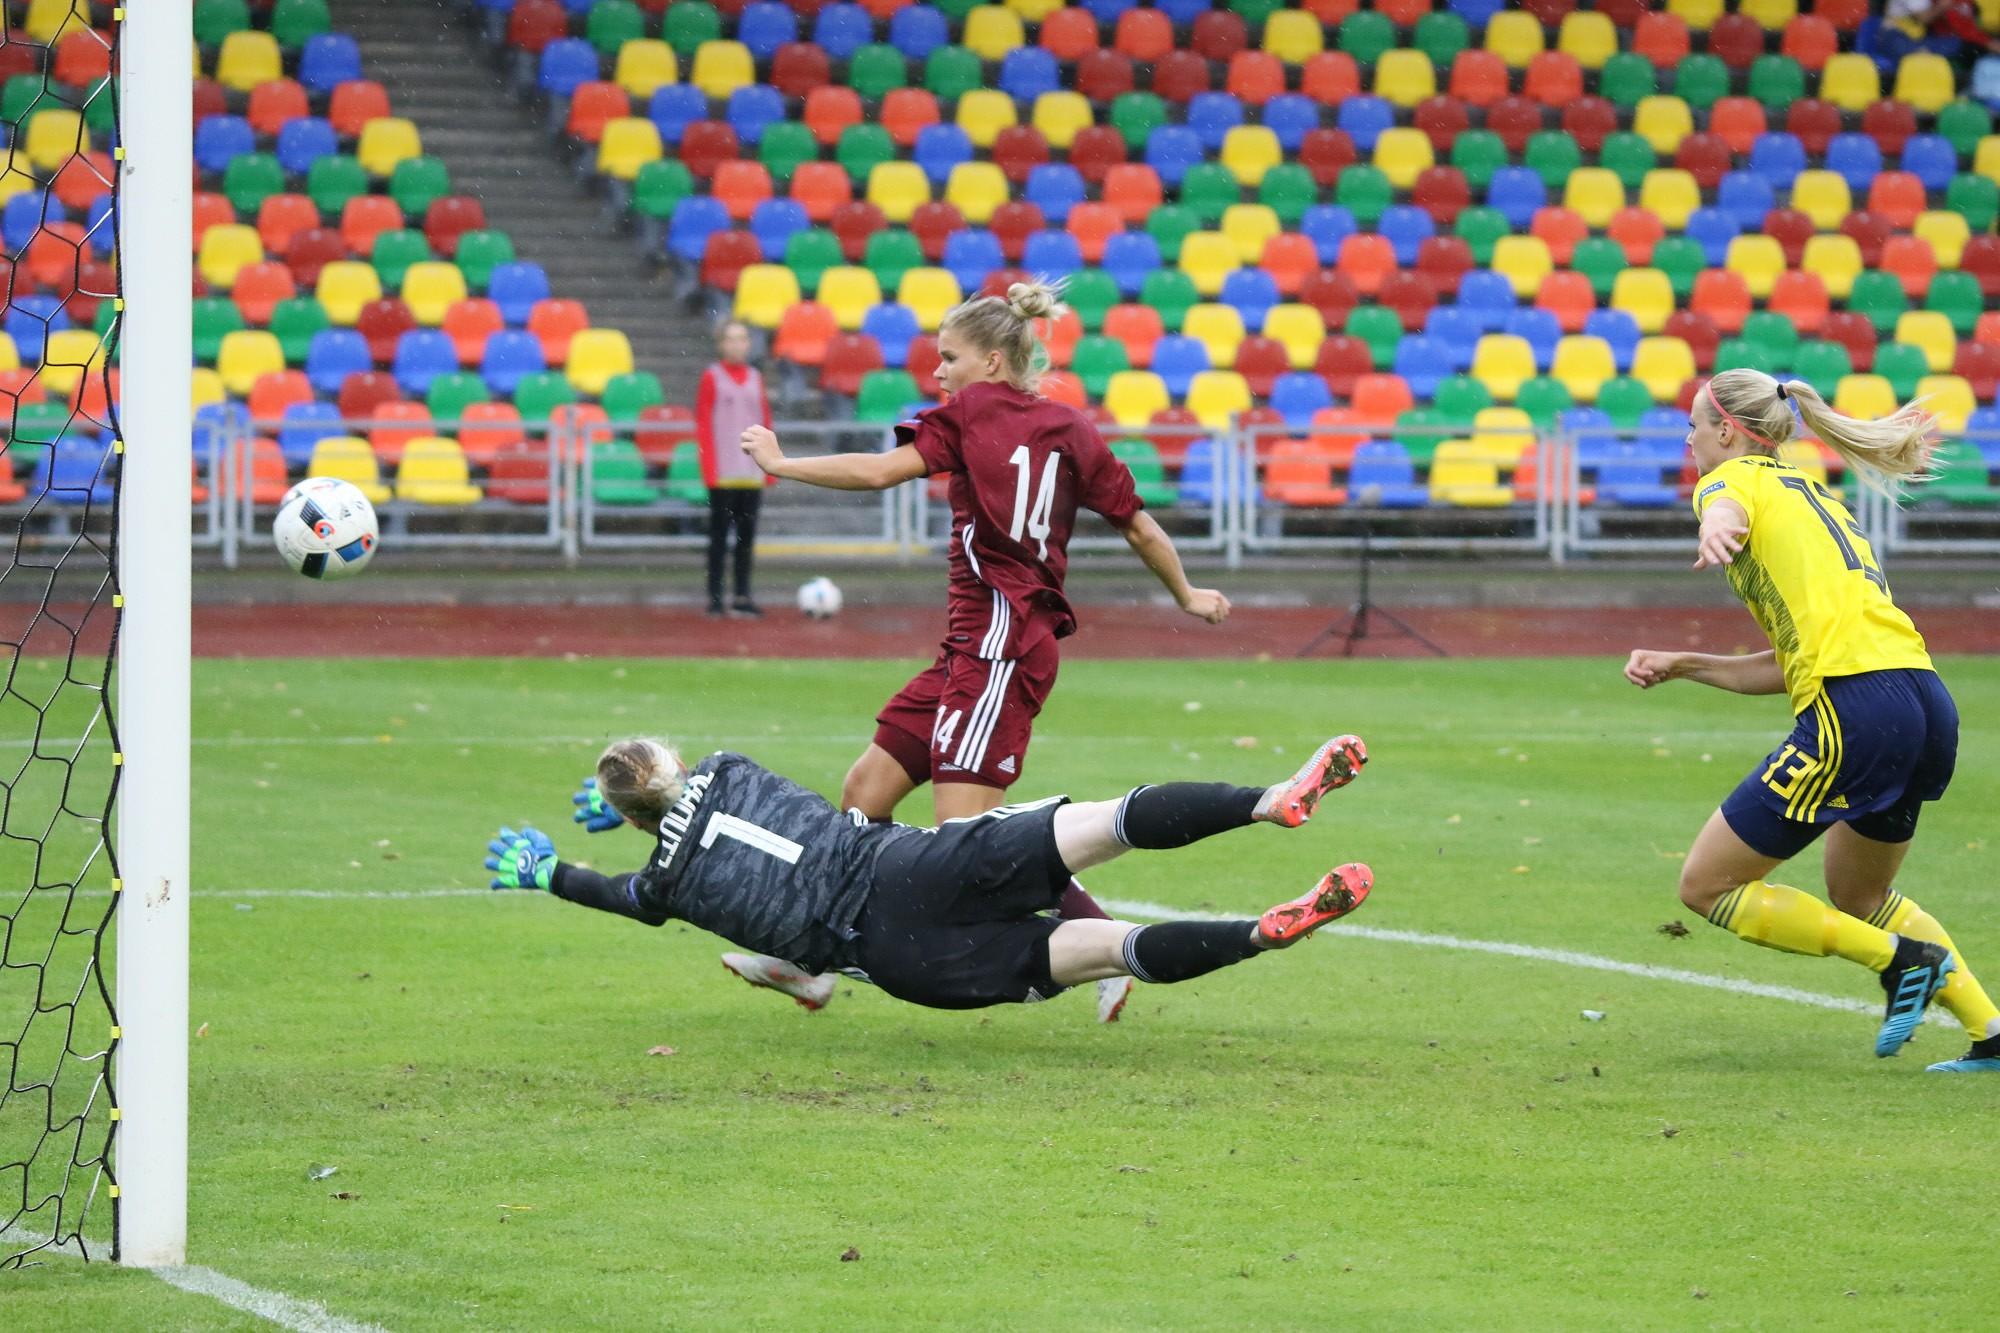 Футболистки провели достойный тайм, но уступили сильным шведкам